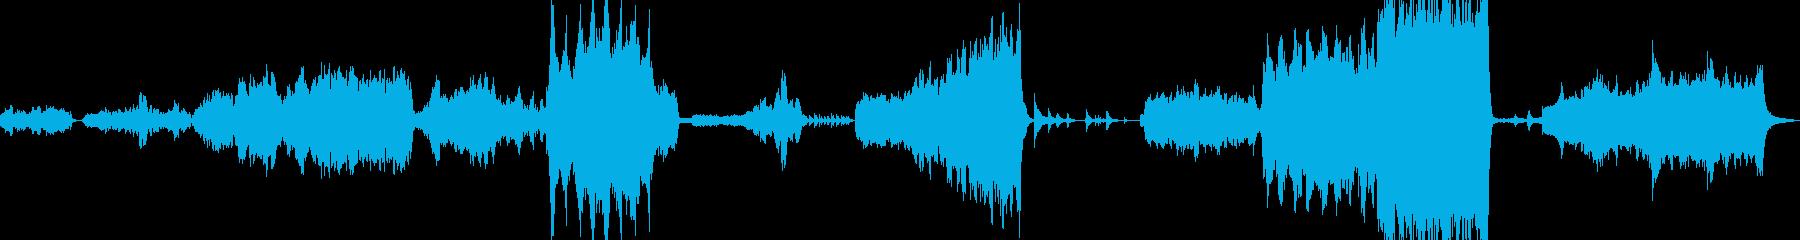 感動シーンに使われる壮大なオーケストラの再生済みの波形